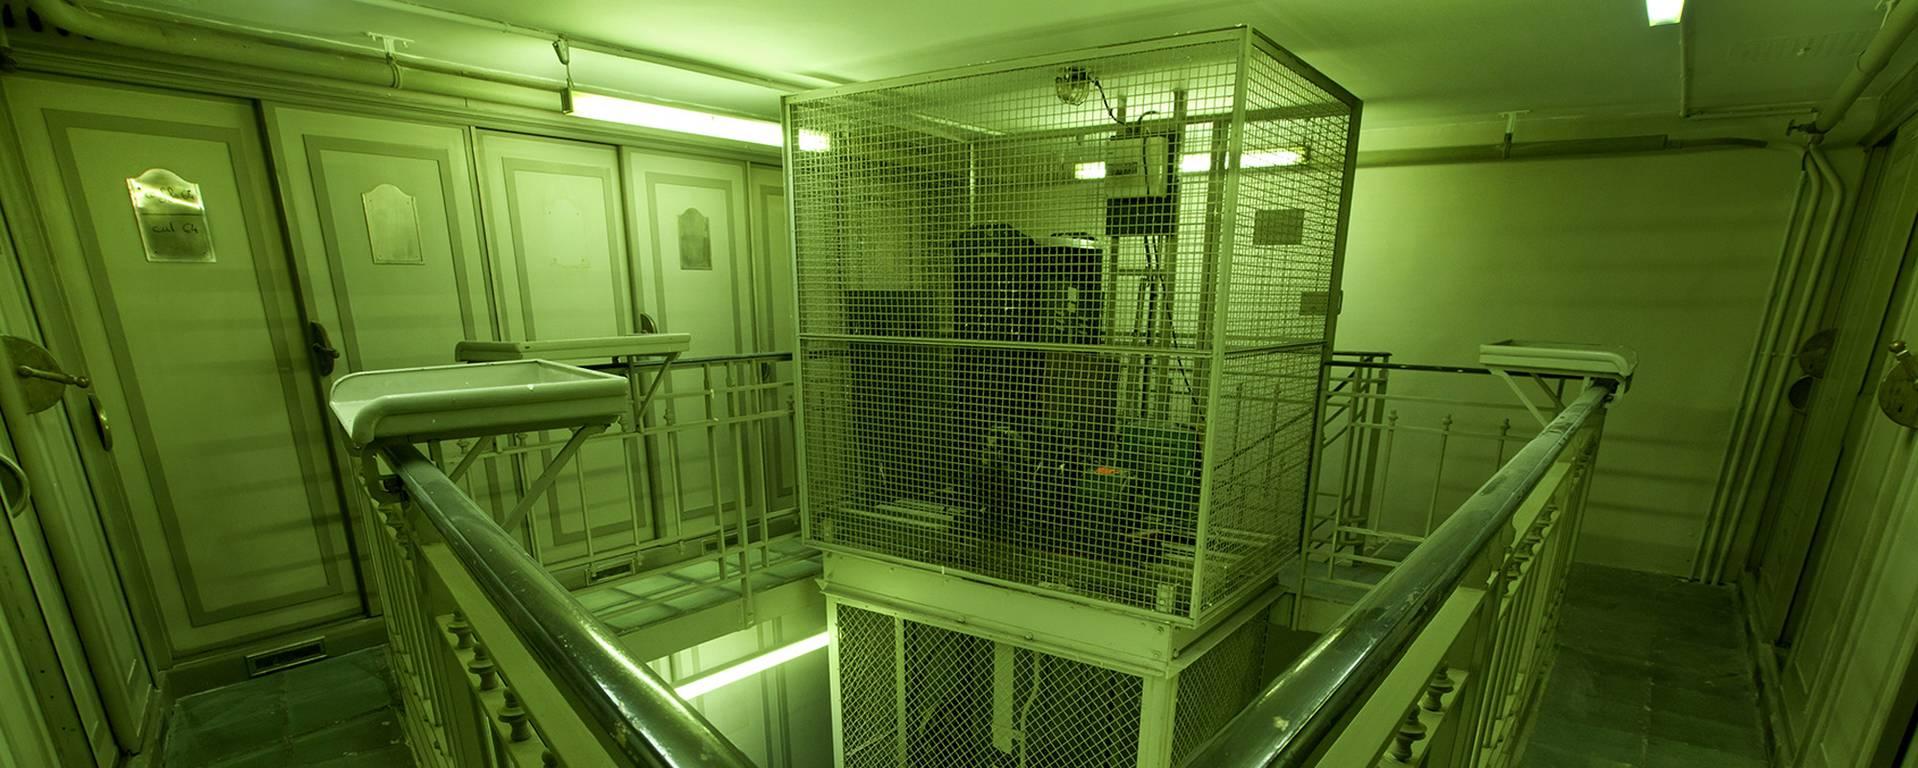 Entrez dans la salle des coffres © Marc Domage